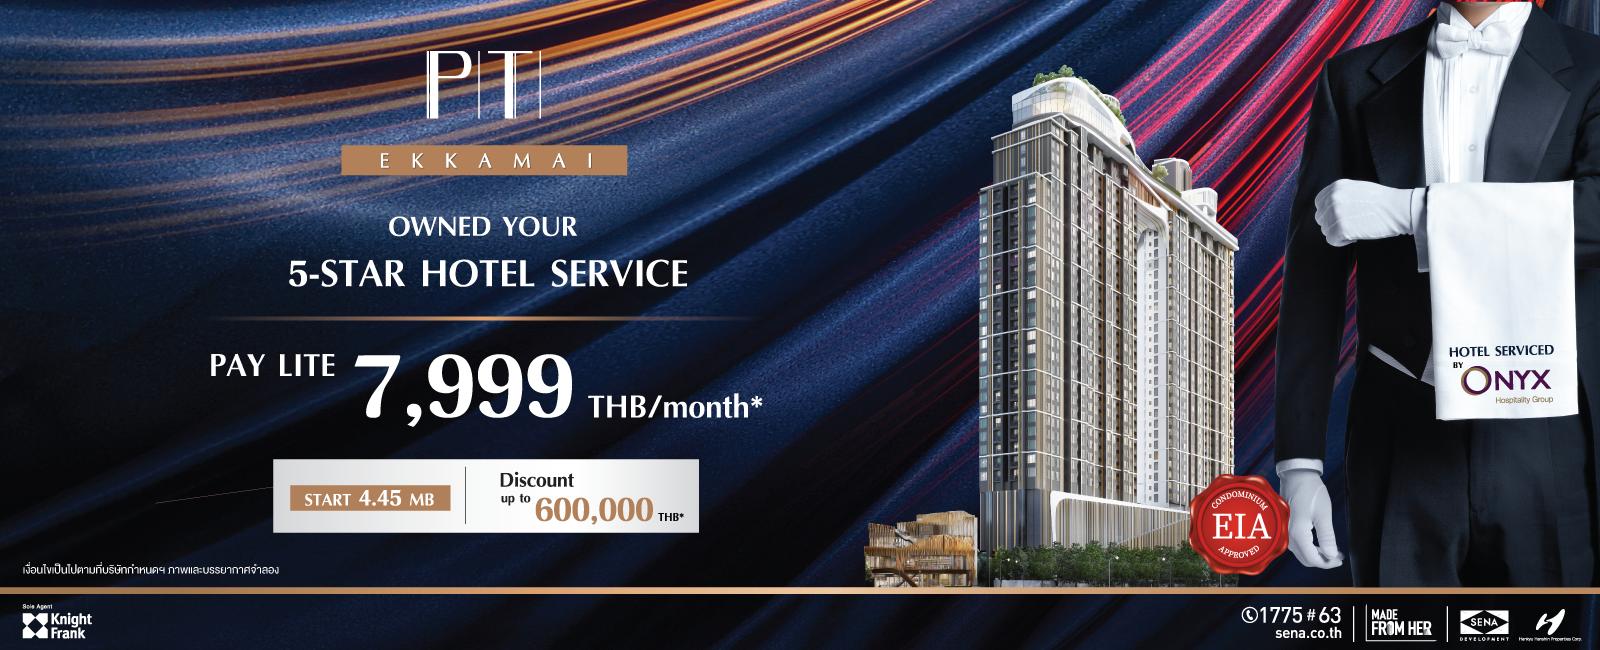 คอนโดใหม่ ปีติ เอกมัย | PITI Ekkamai Luxury Condo